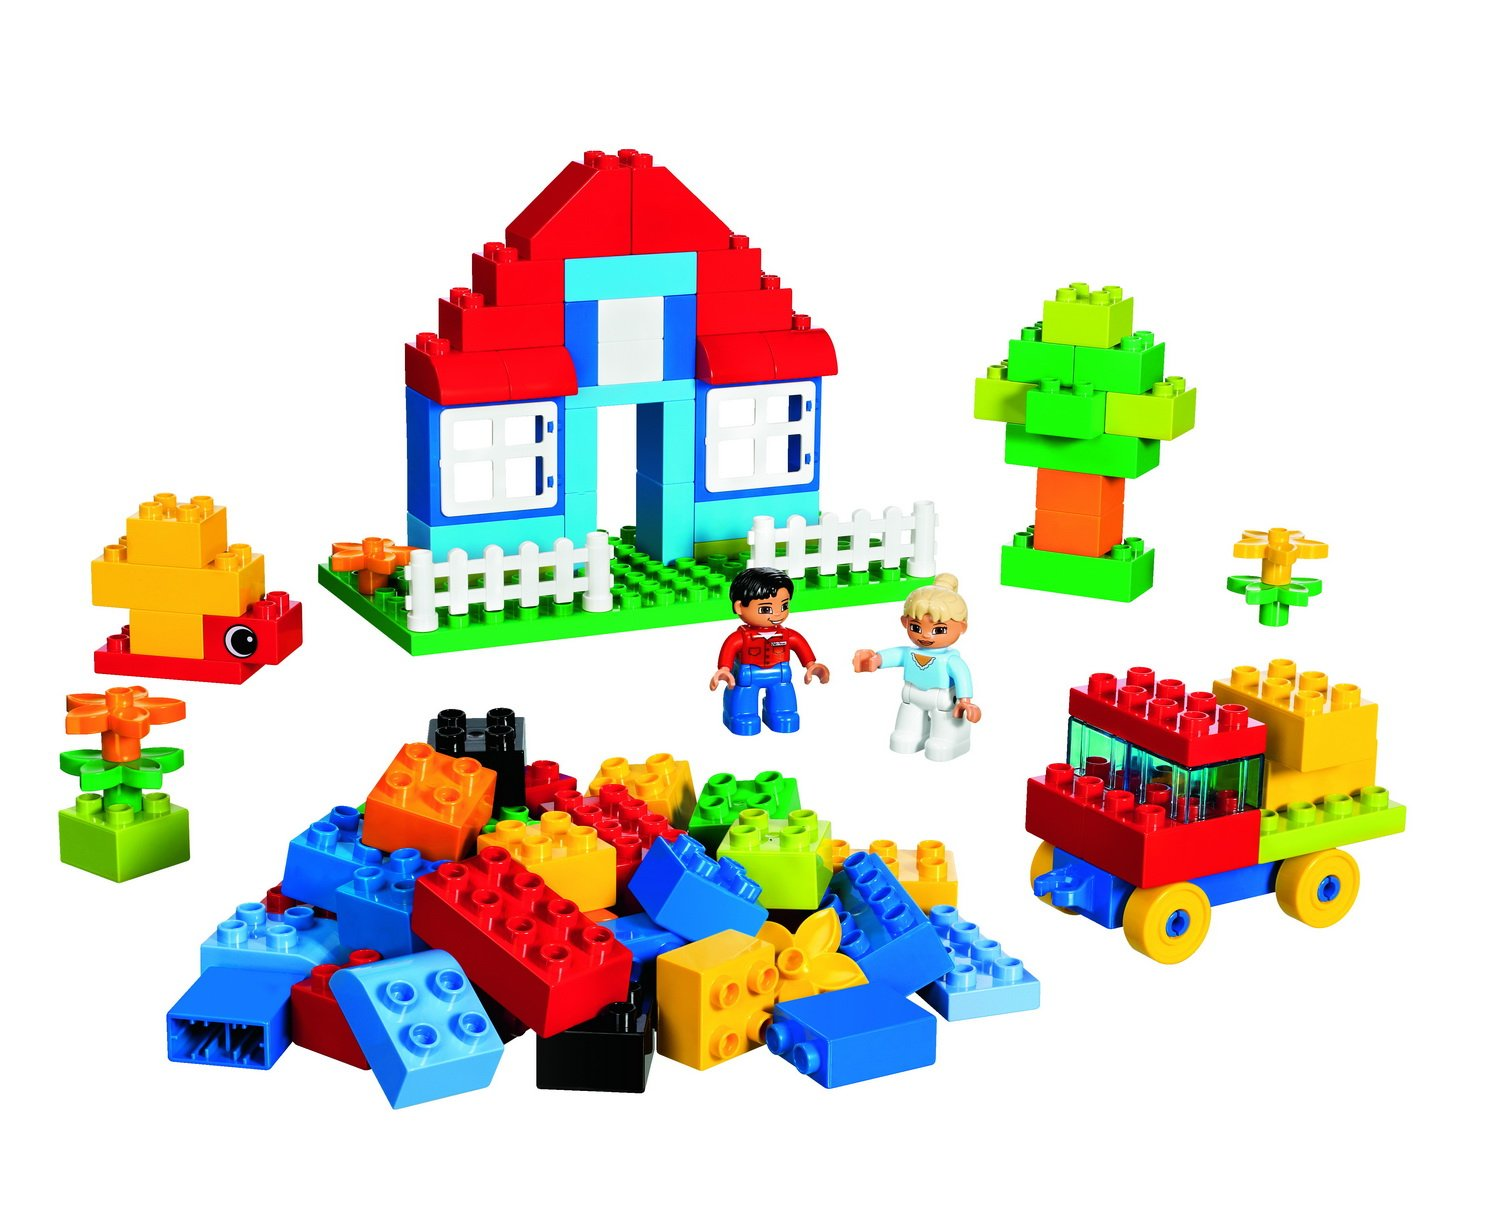 lego 乐高 得宝创意拼砌系列 豪华桶5507